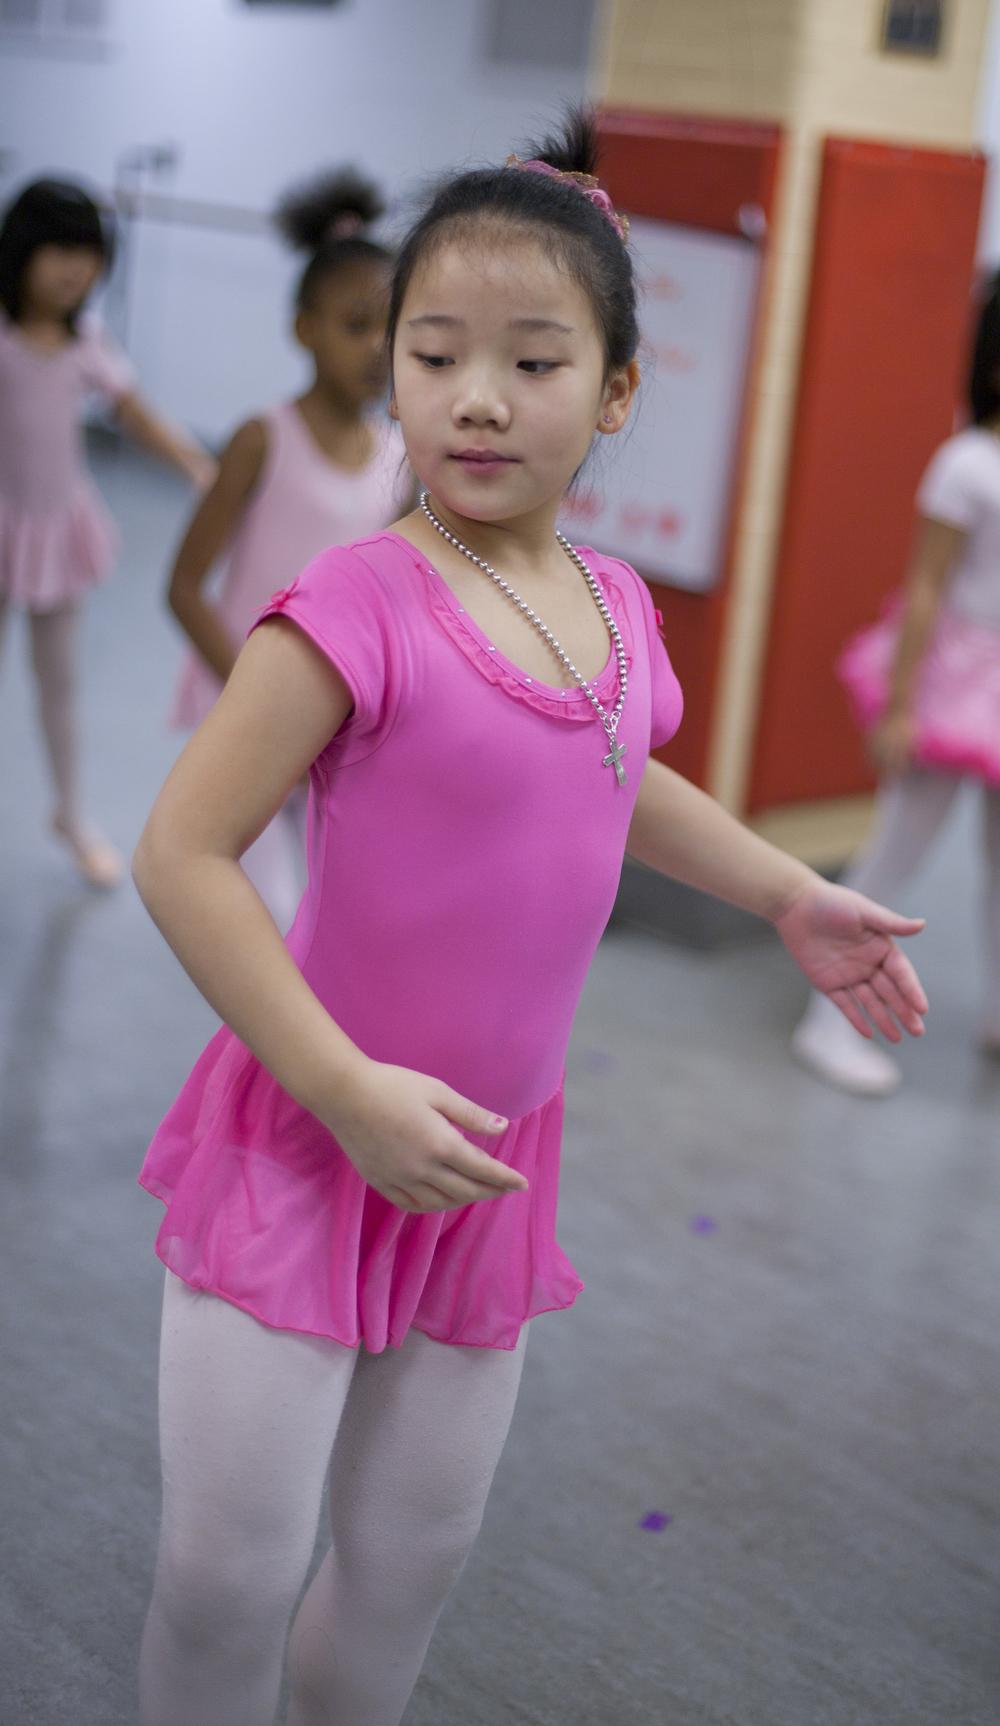 Dance_pg 7.jpg